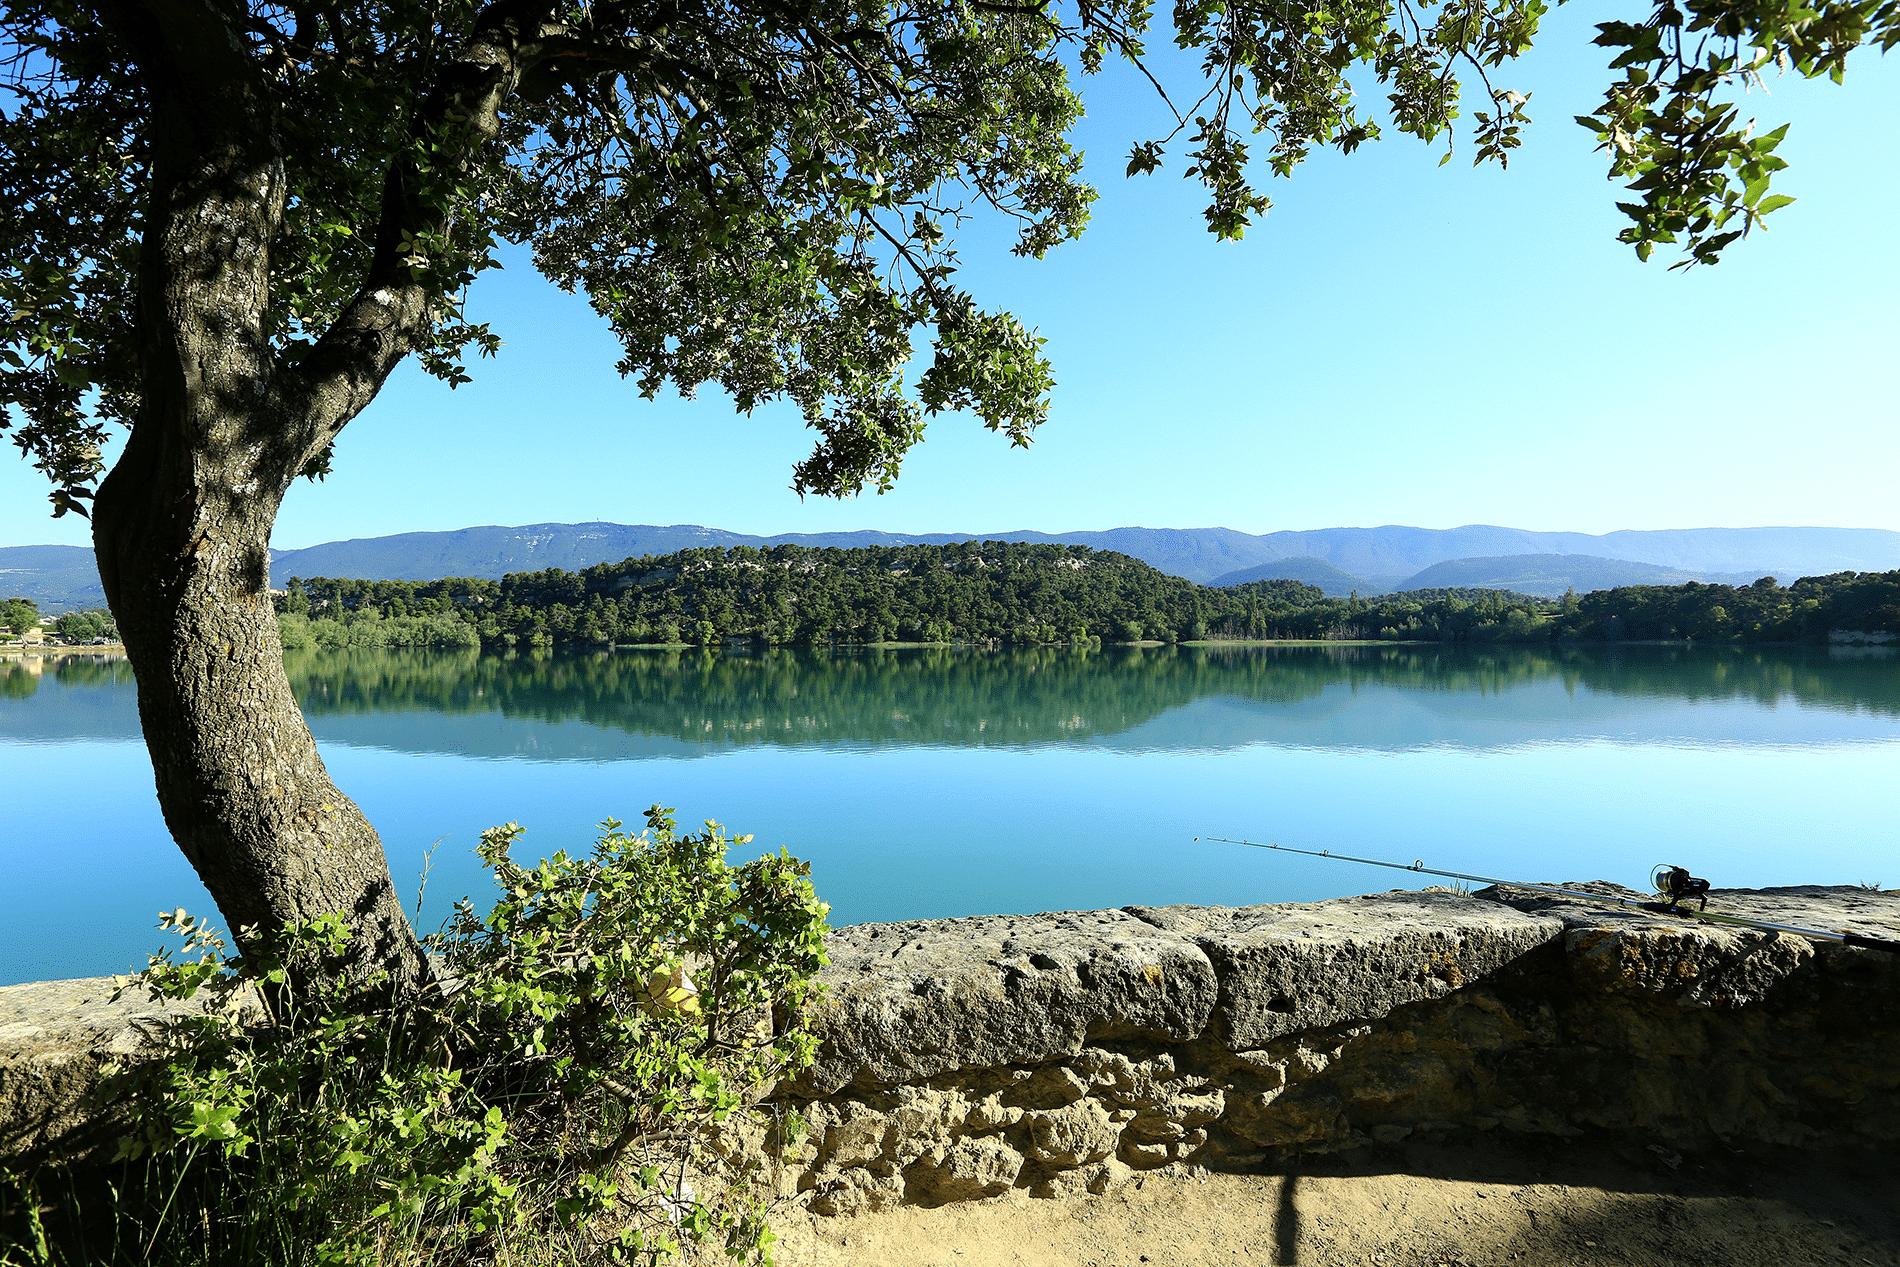 La Motte d'Aigues